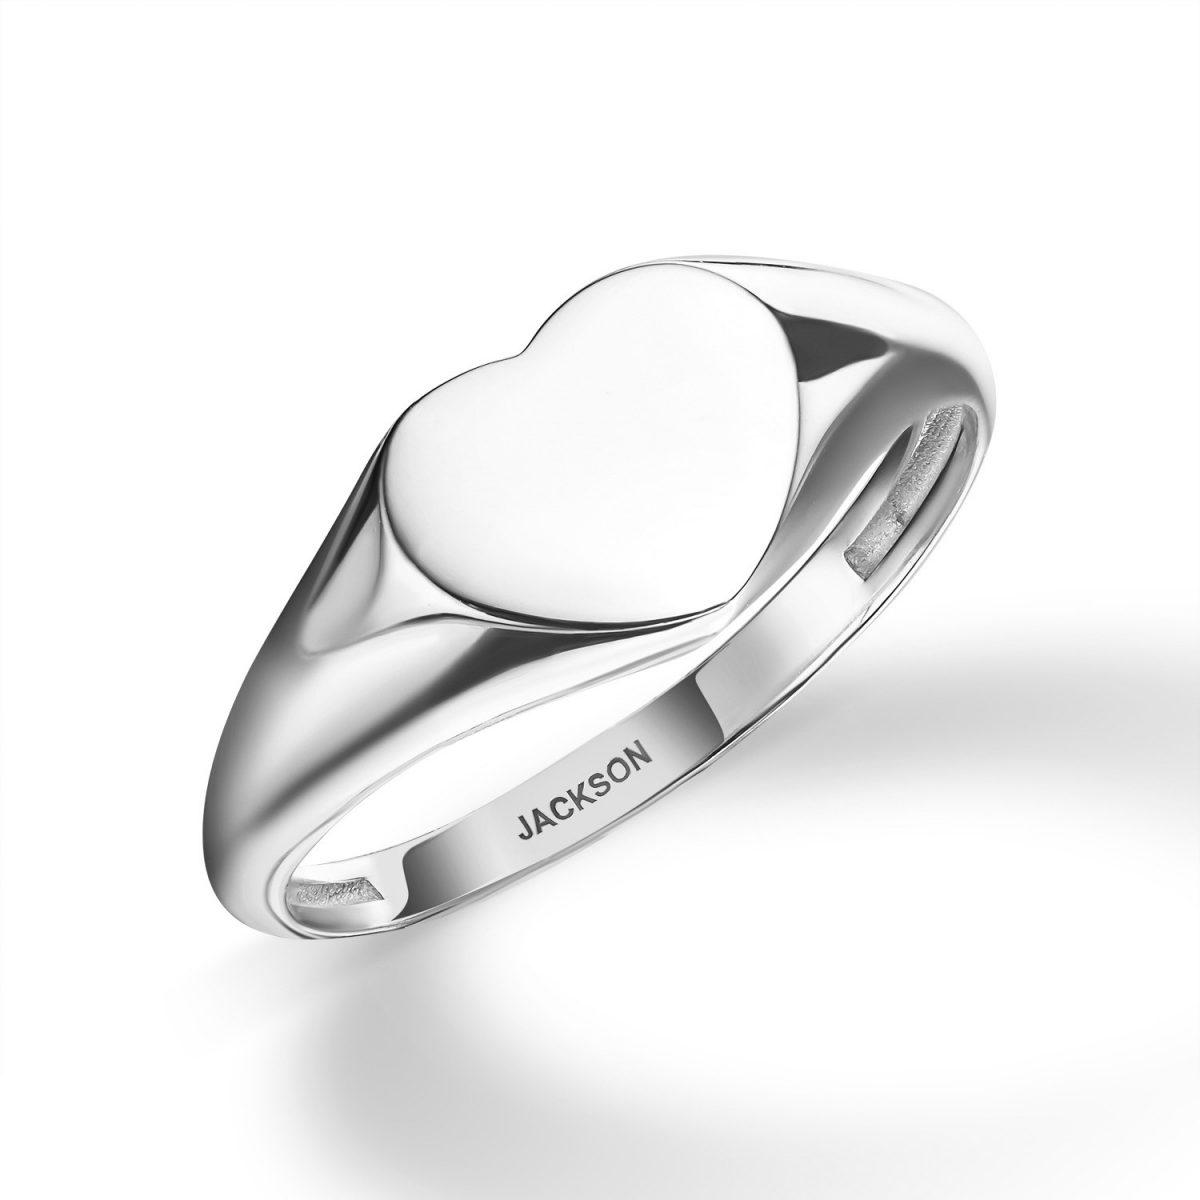 טבעת זהב - לב מושלם - זהב לבן